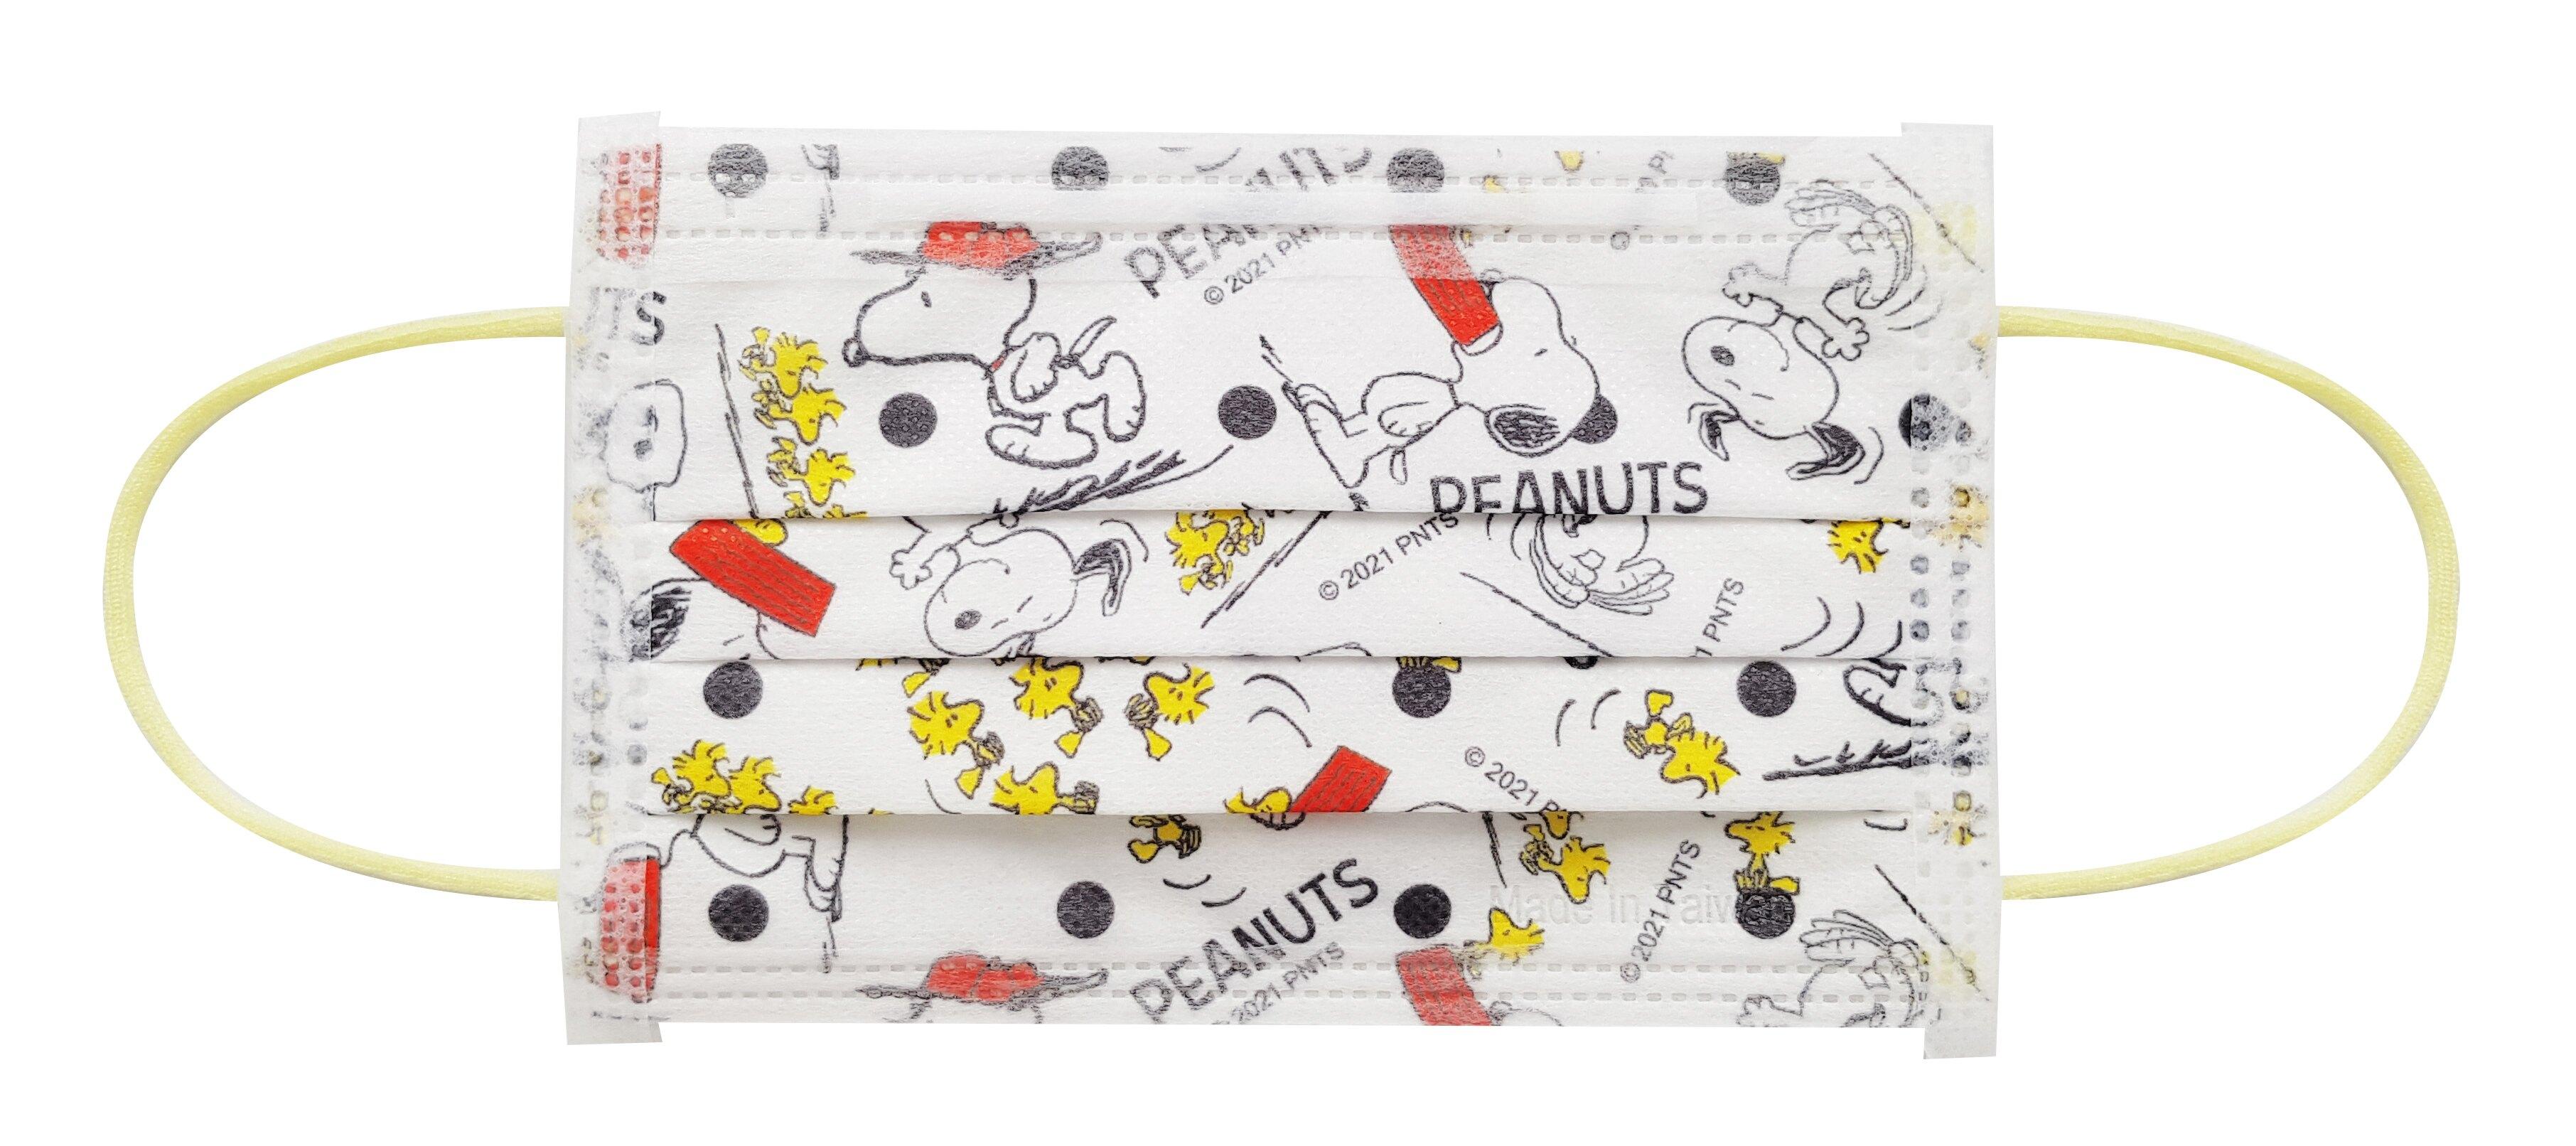 【現貨供應】史努比 兒童防護口罩,30片/盒,二色混款各15入,台灣製造,7-11預購同款